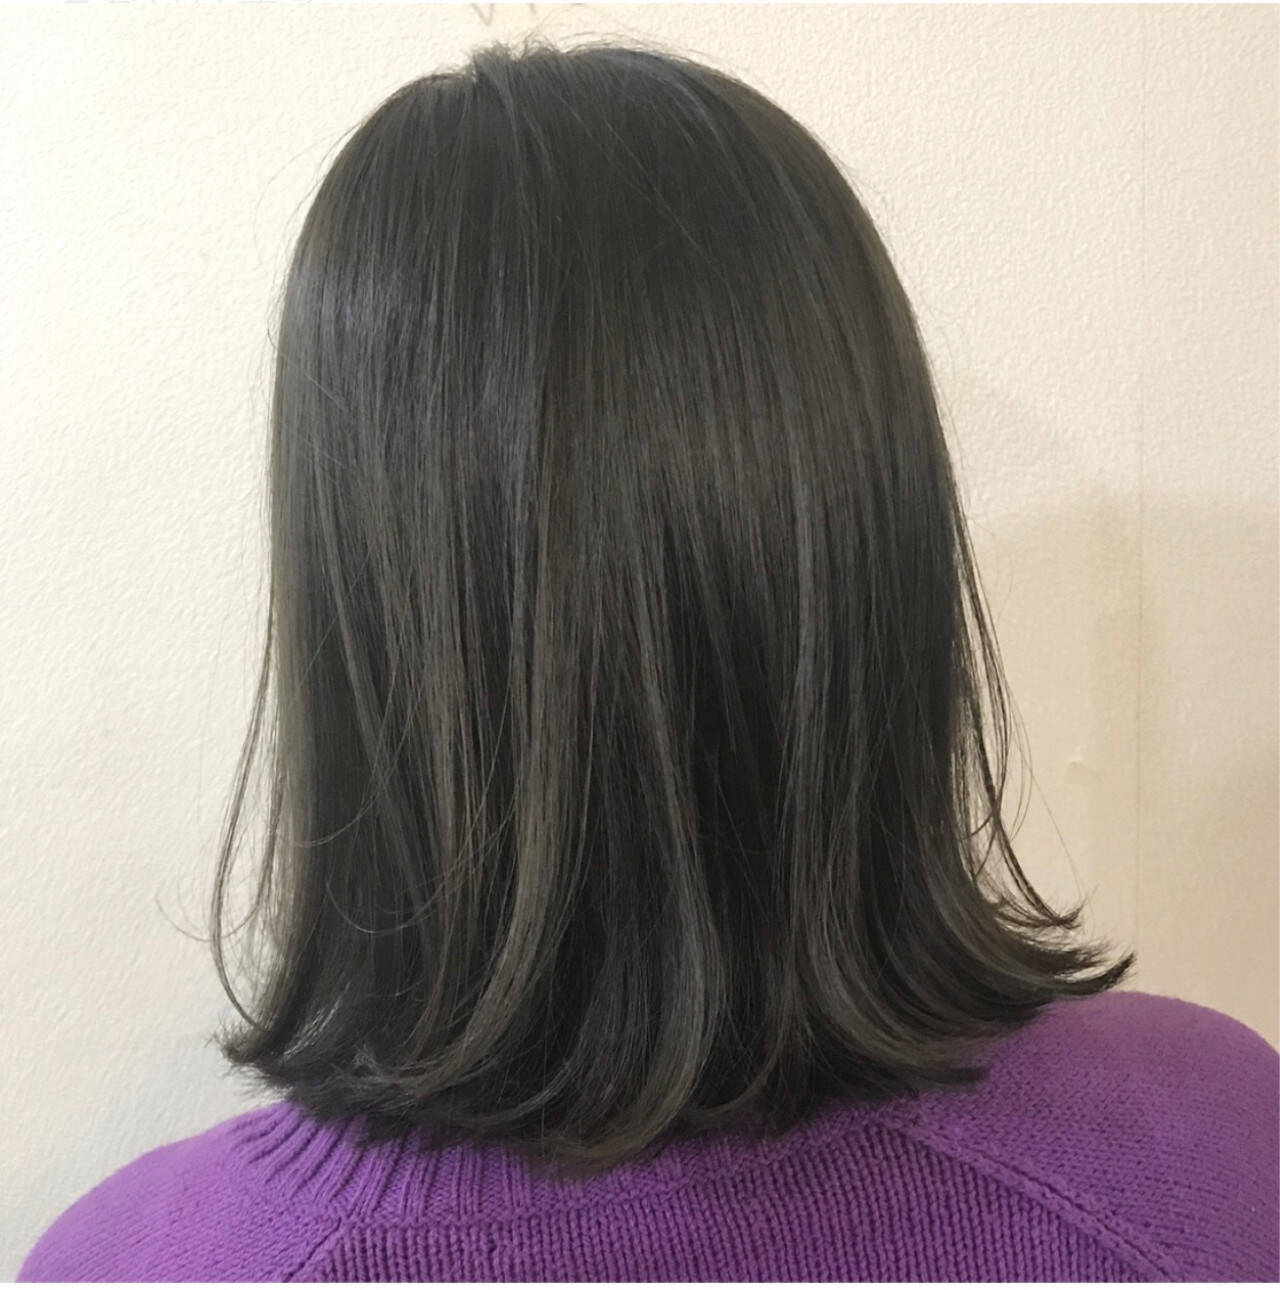 透明感 ナチュラル ボブ カーキアッシュヘアスタイルや髪型の写真・画像